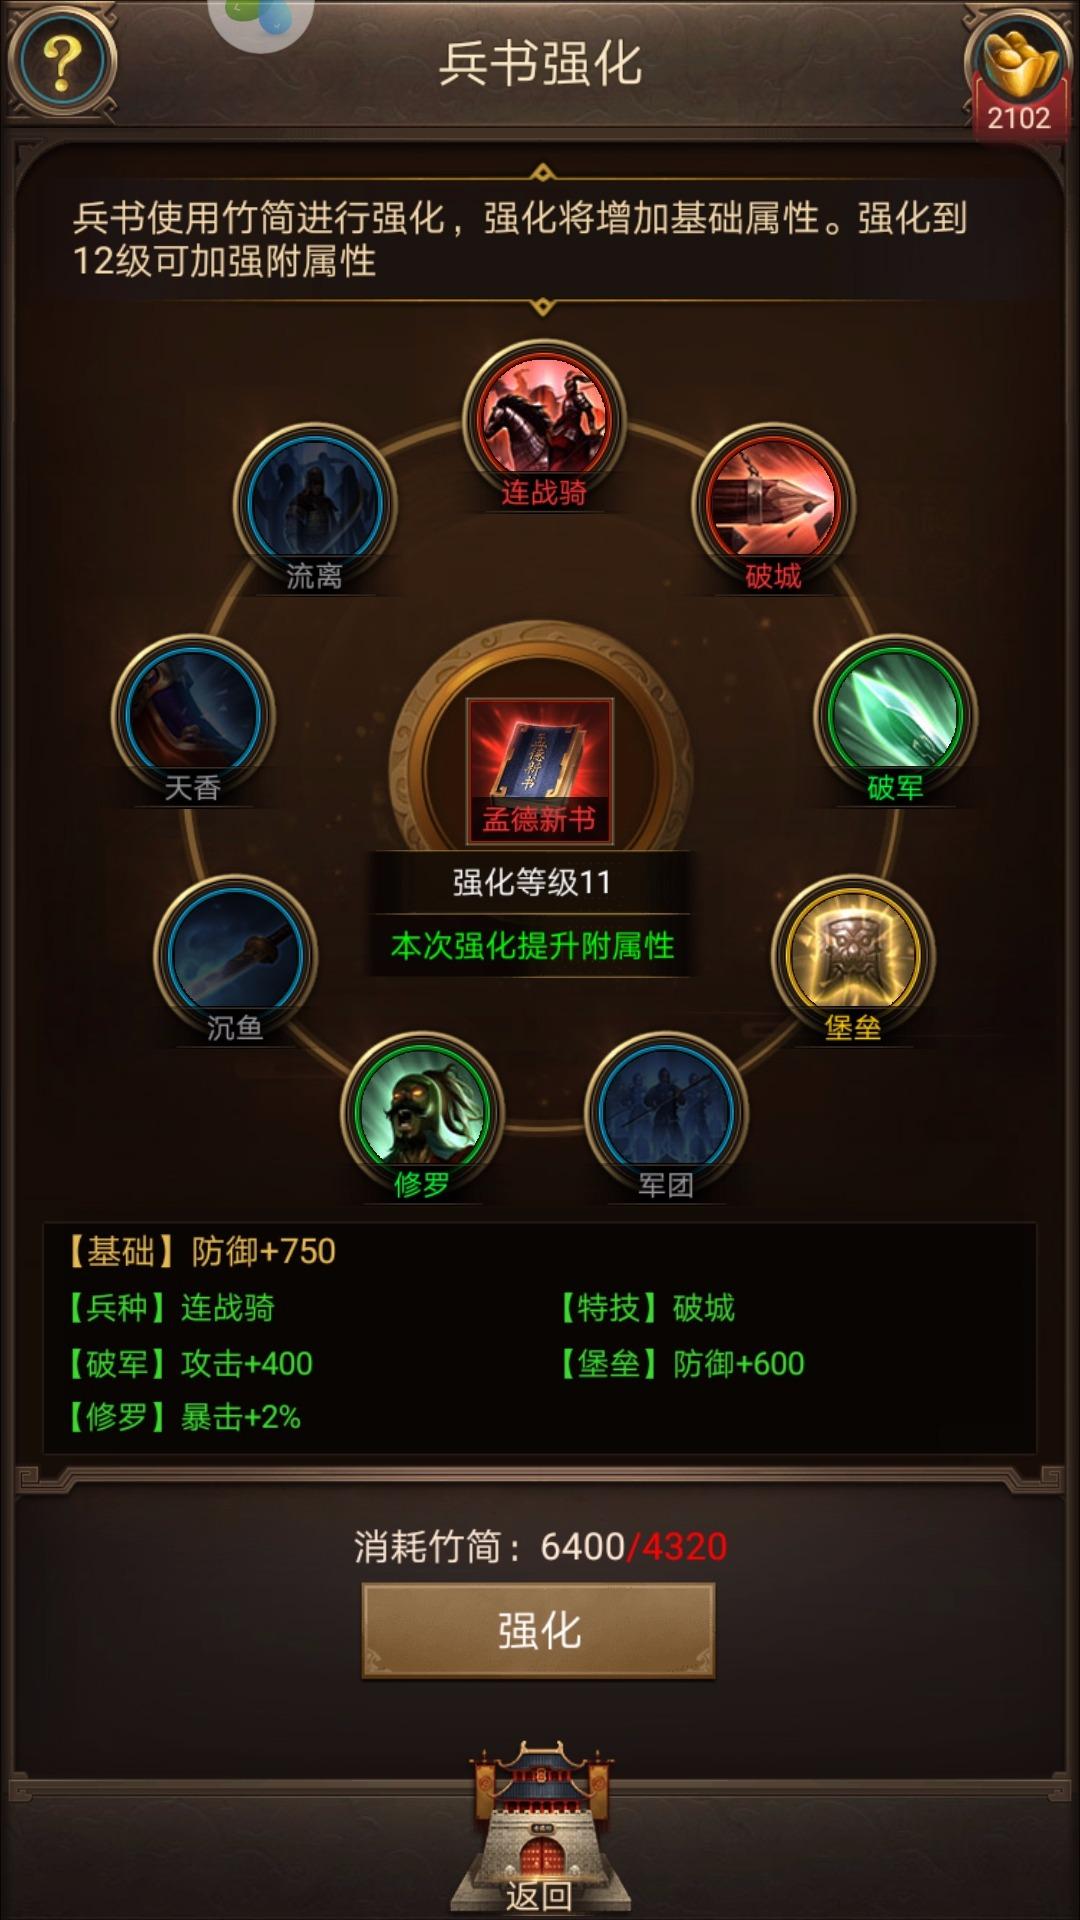 Screenshot_20181028-184420.jpg